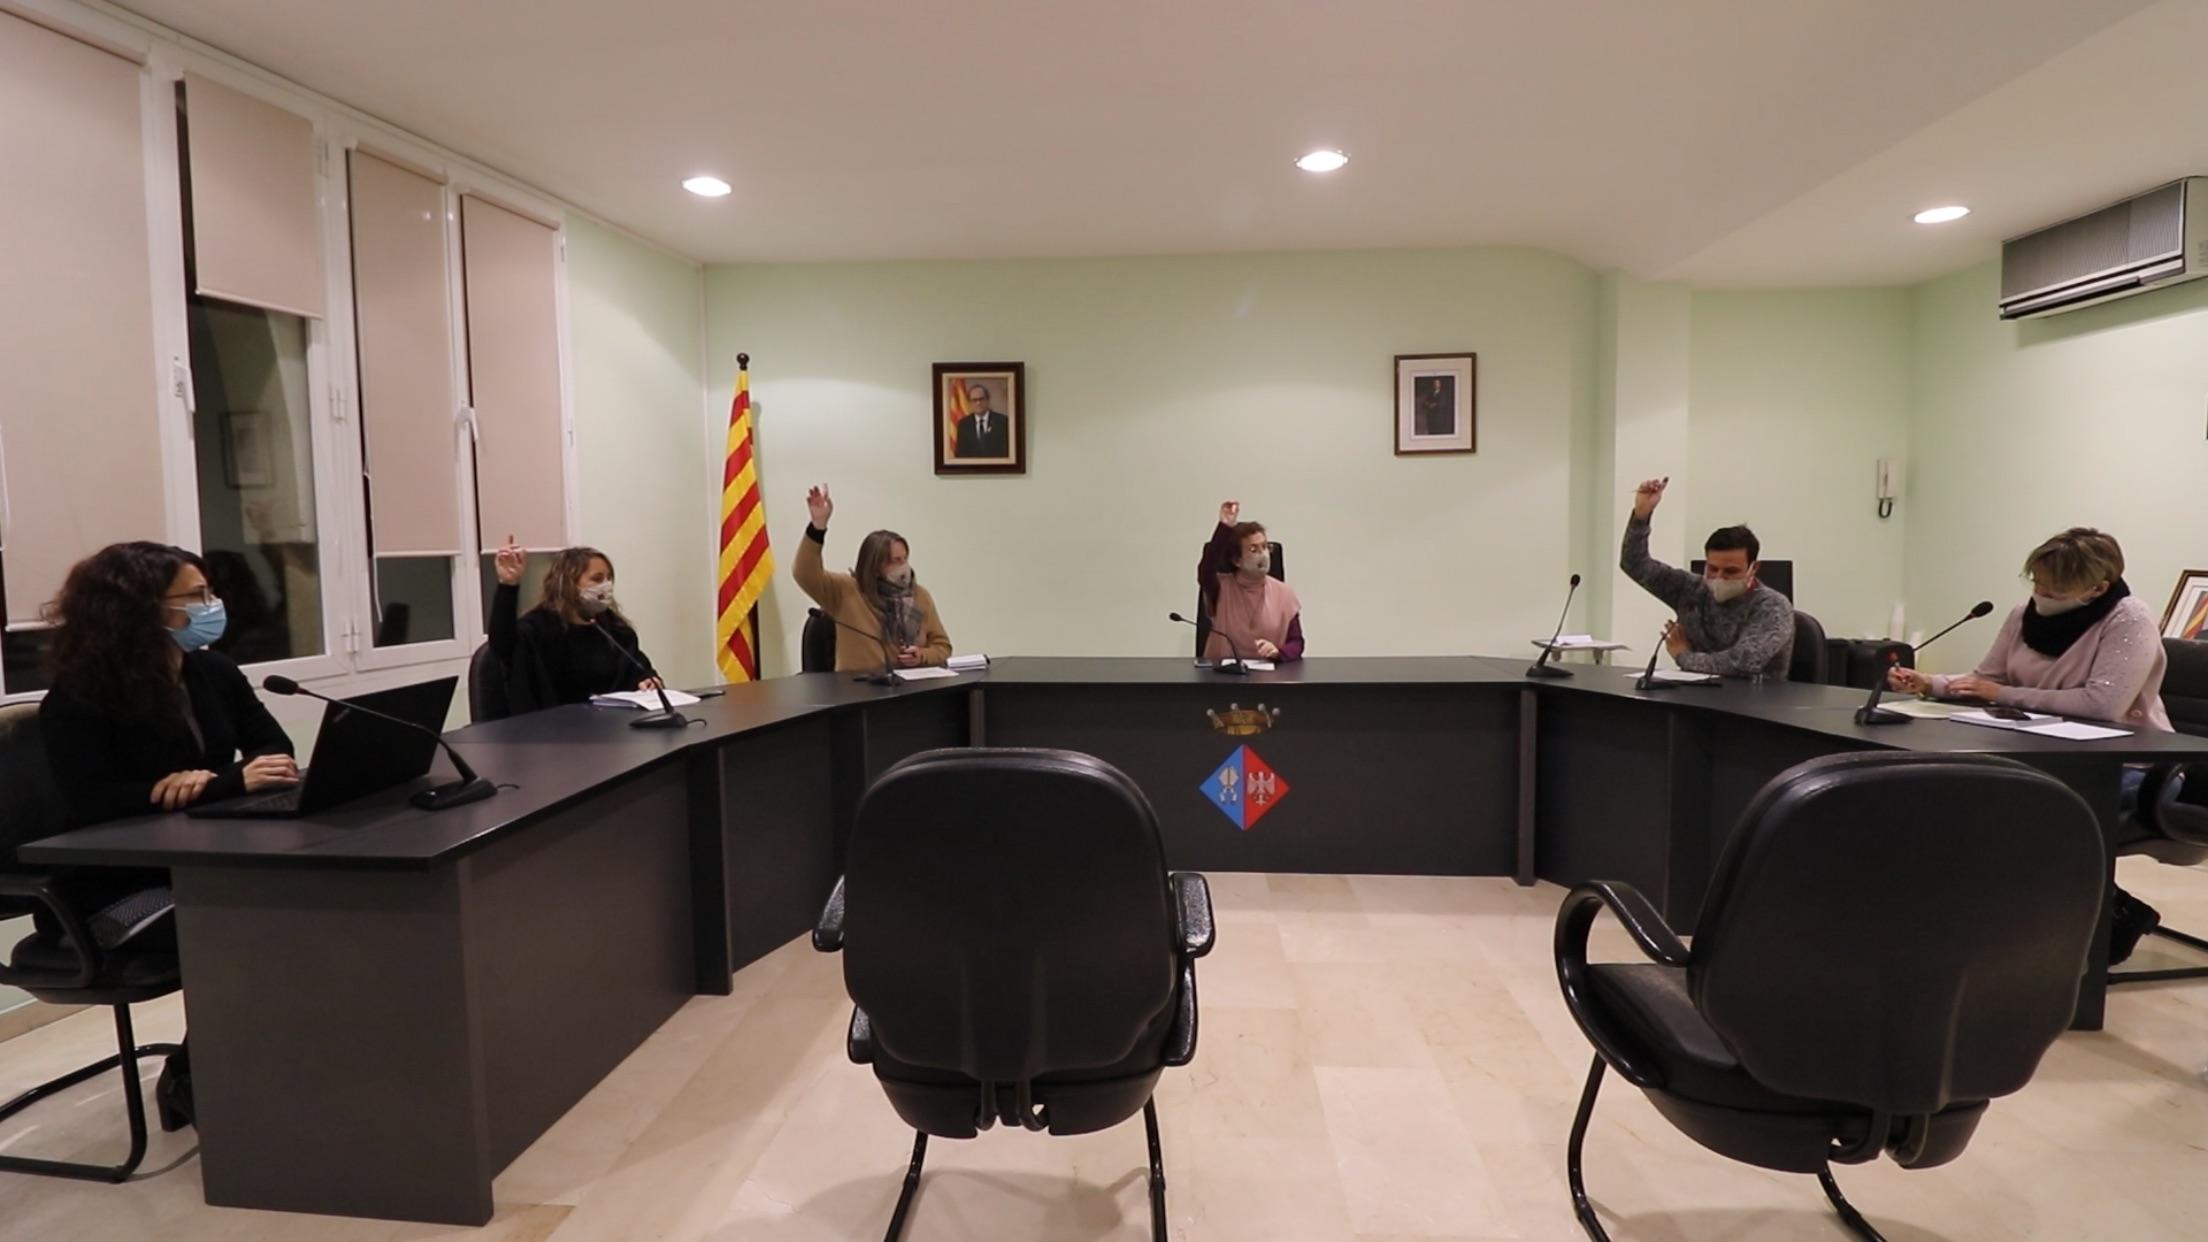 La Junta de Govern ha aprovat deixar sense efecte la notificació d'un acord -d'adjudicació- de la Junta de Govern del 14 de desembre